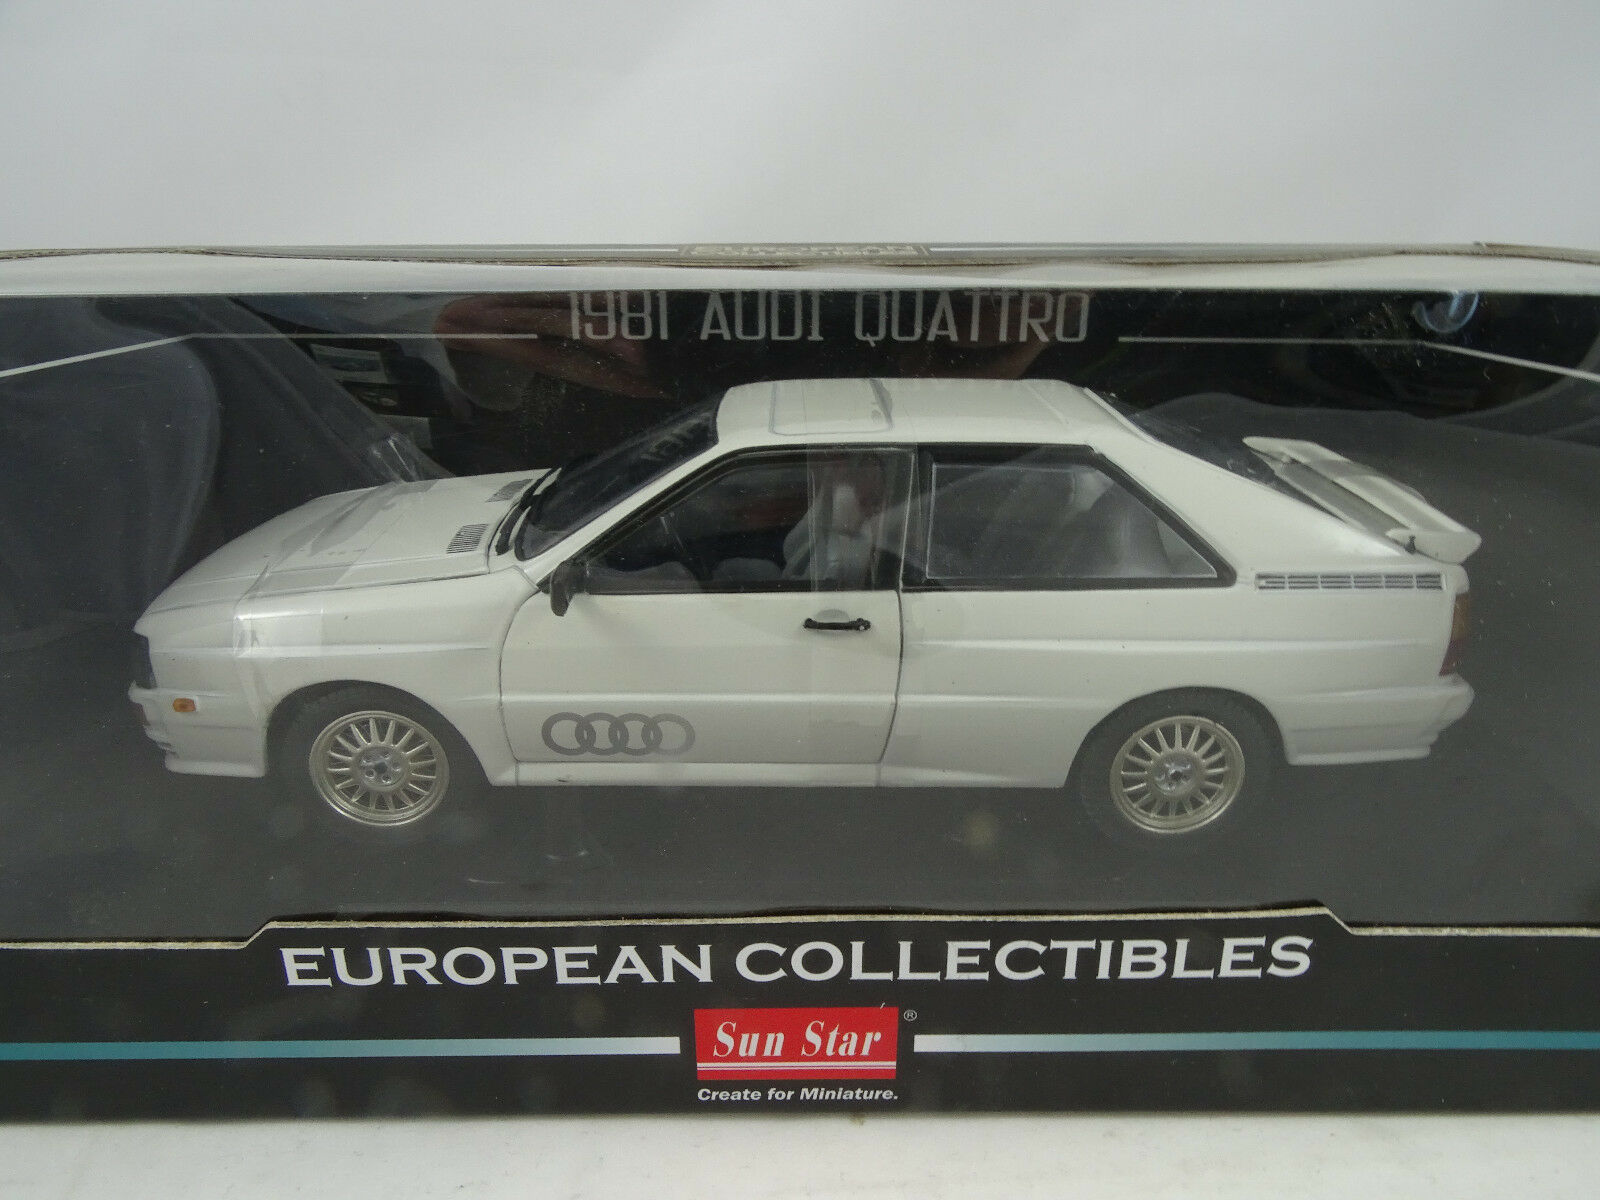 risparmiare fino all'80% 1 18 SUNestrella  4155 4155 4155 - 1981 Audi quattro Alpine bianca-rarità §  tempo libero